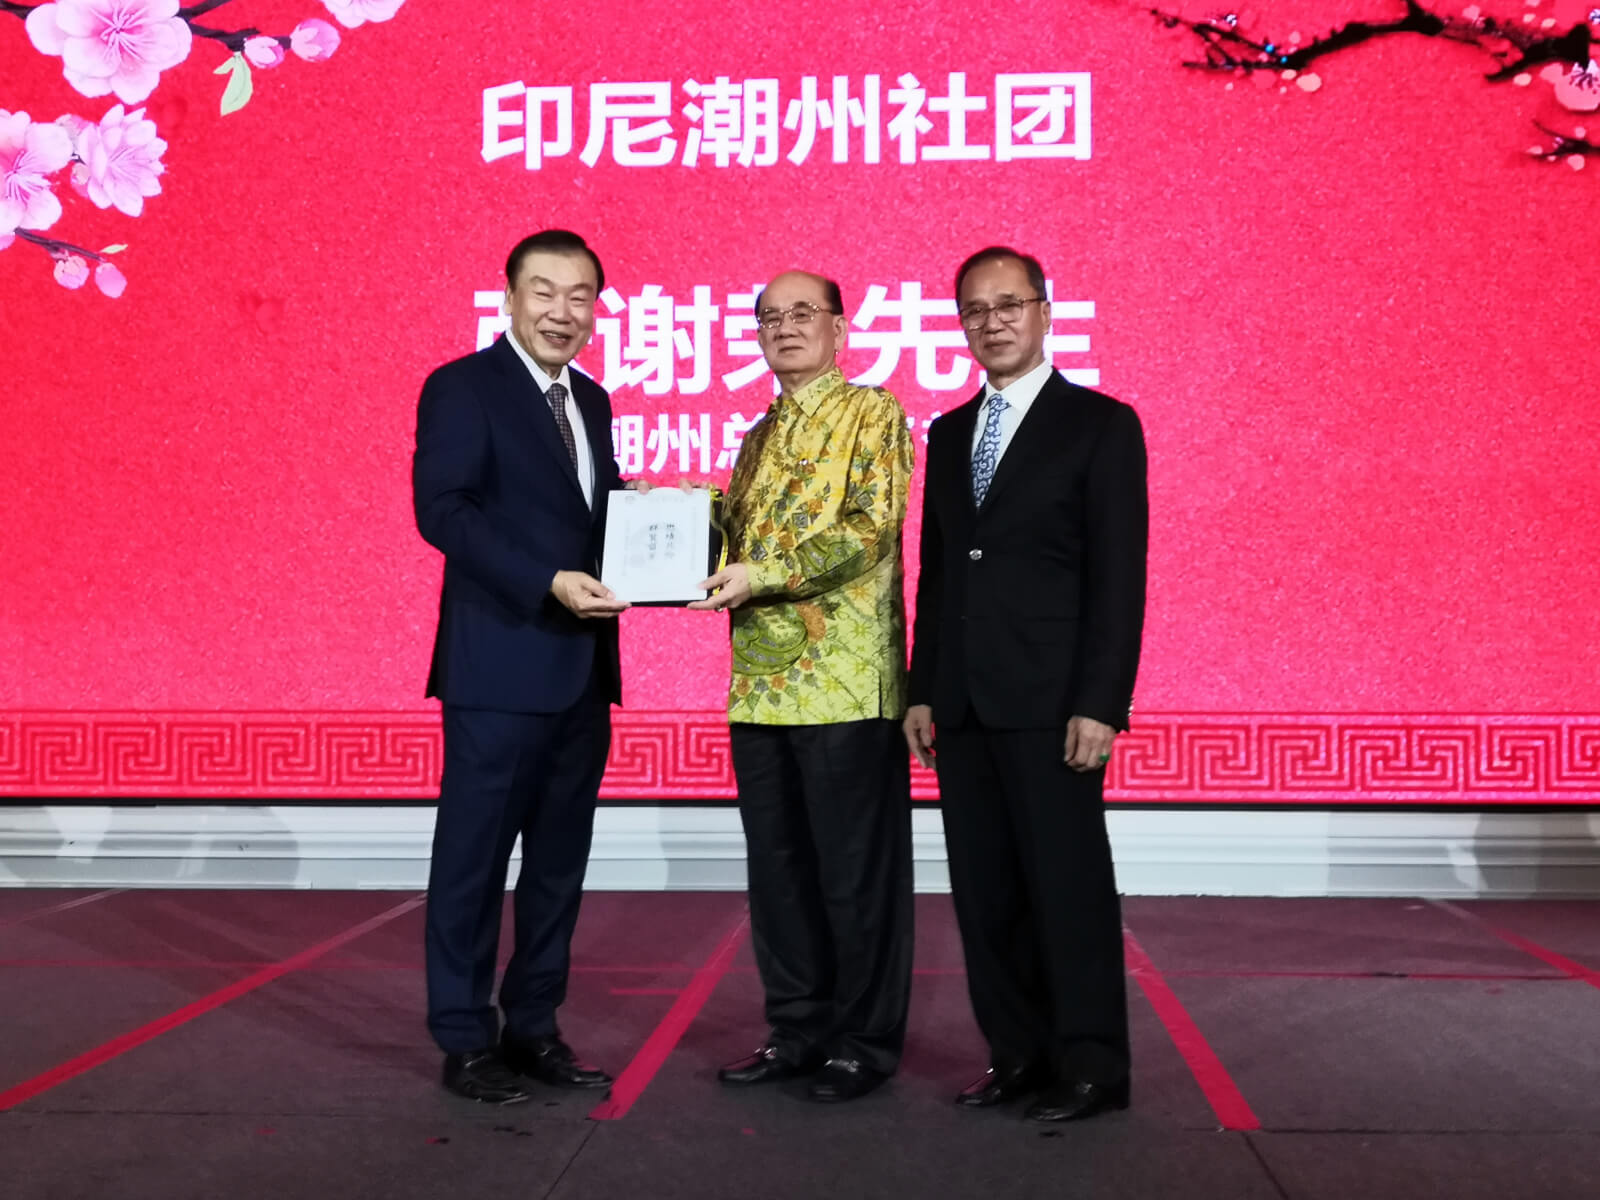 2019年6月1日-七周年会庆暨 《潮州民俗》手册发布会